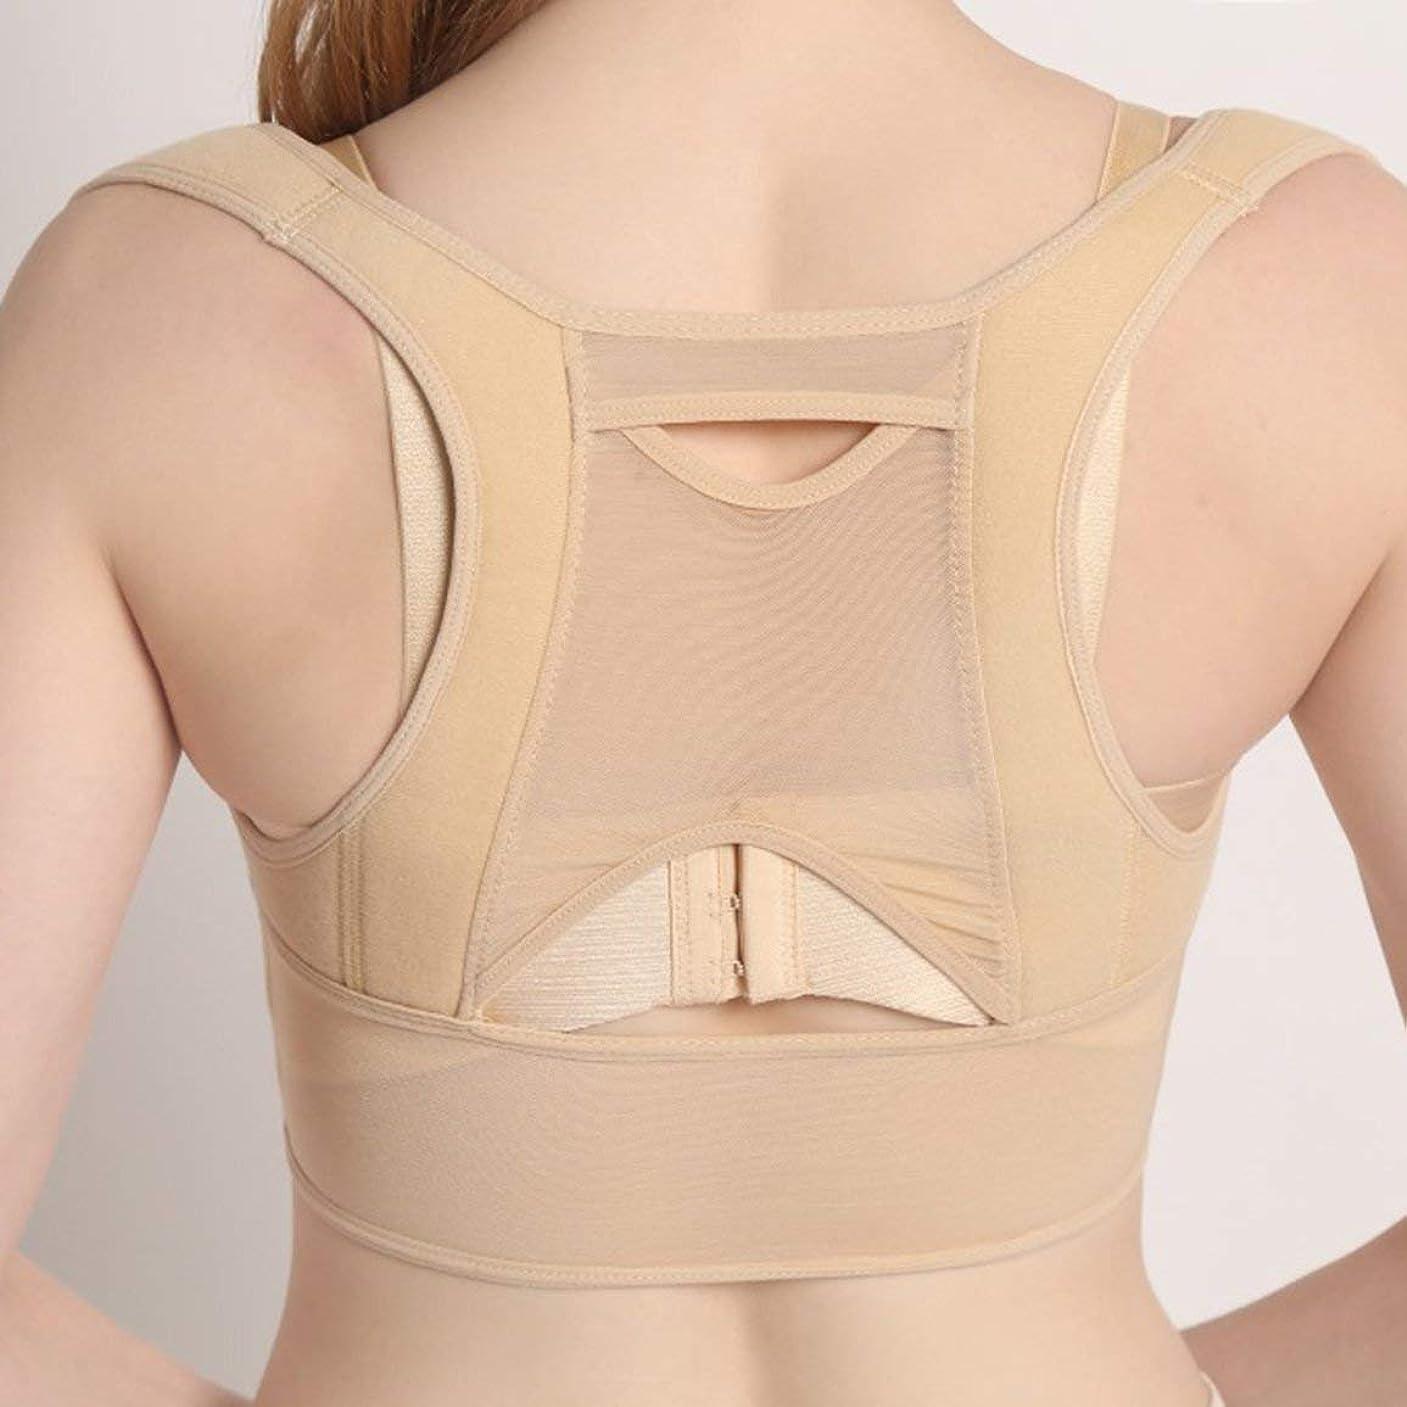 スライス常習的評議会通気性のある女性バック姿勢矯正コルセット整形外科用アッパーバックショルダー脊椎姿勢矯正腰椎サポート - ベージュホワイト